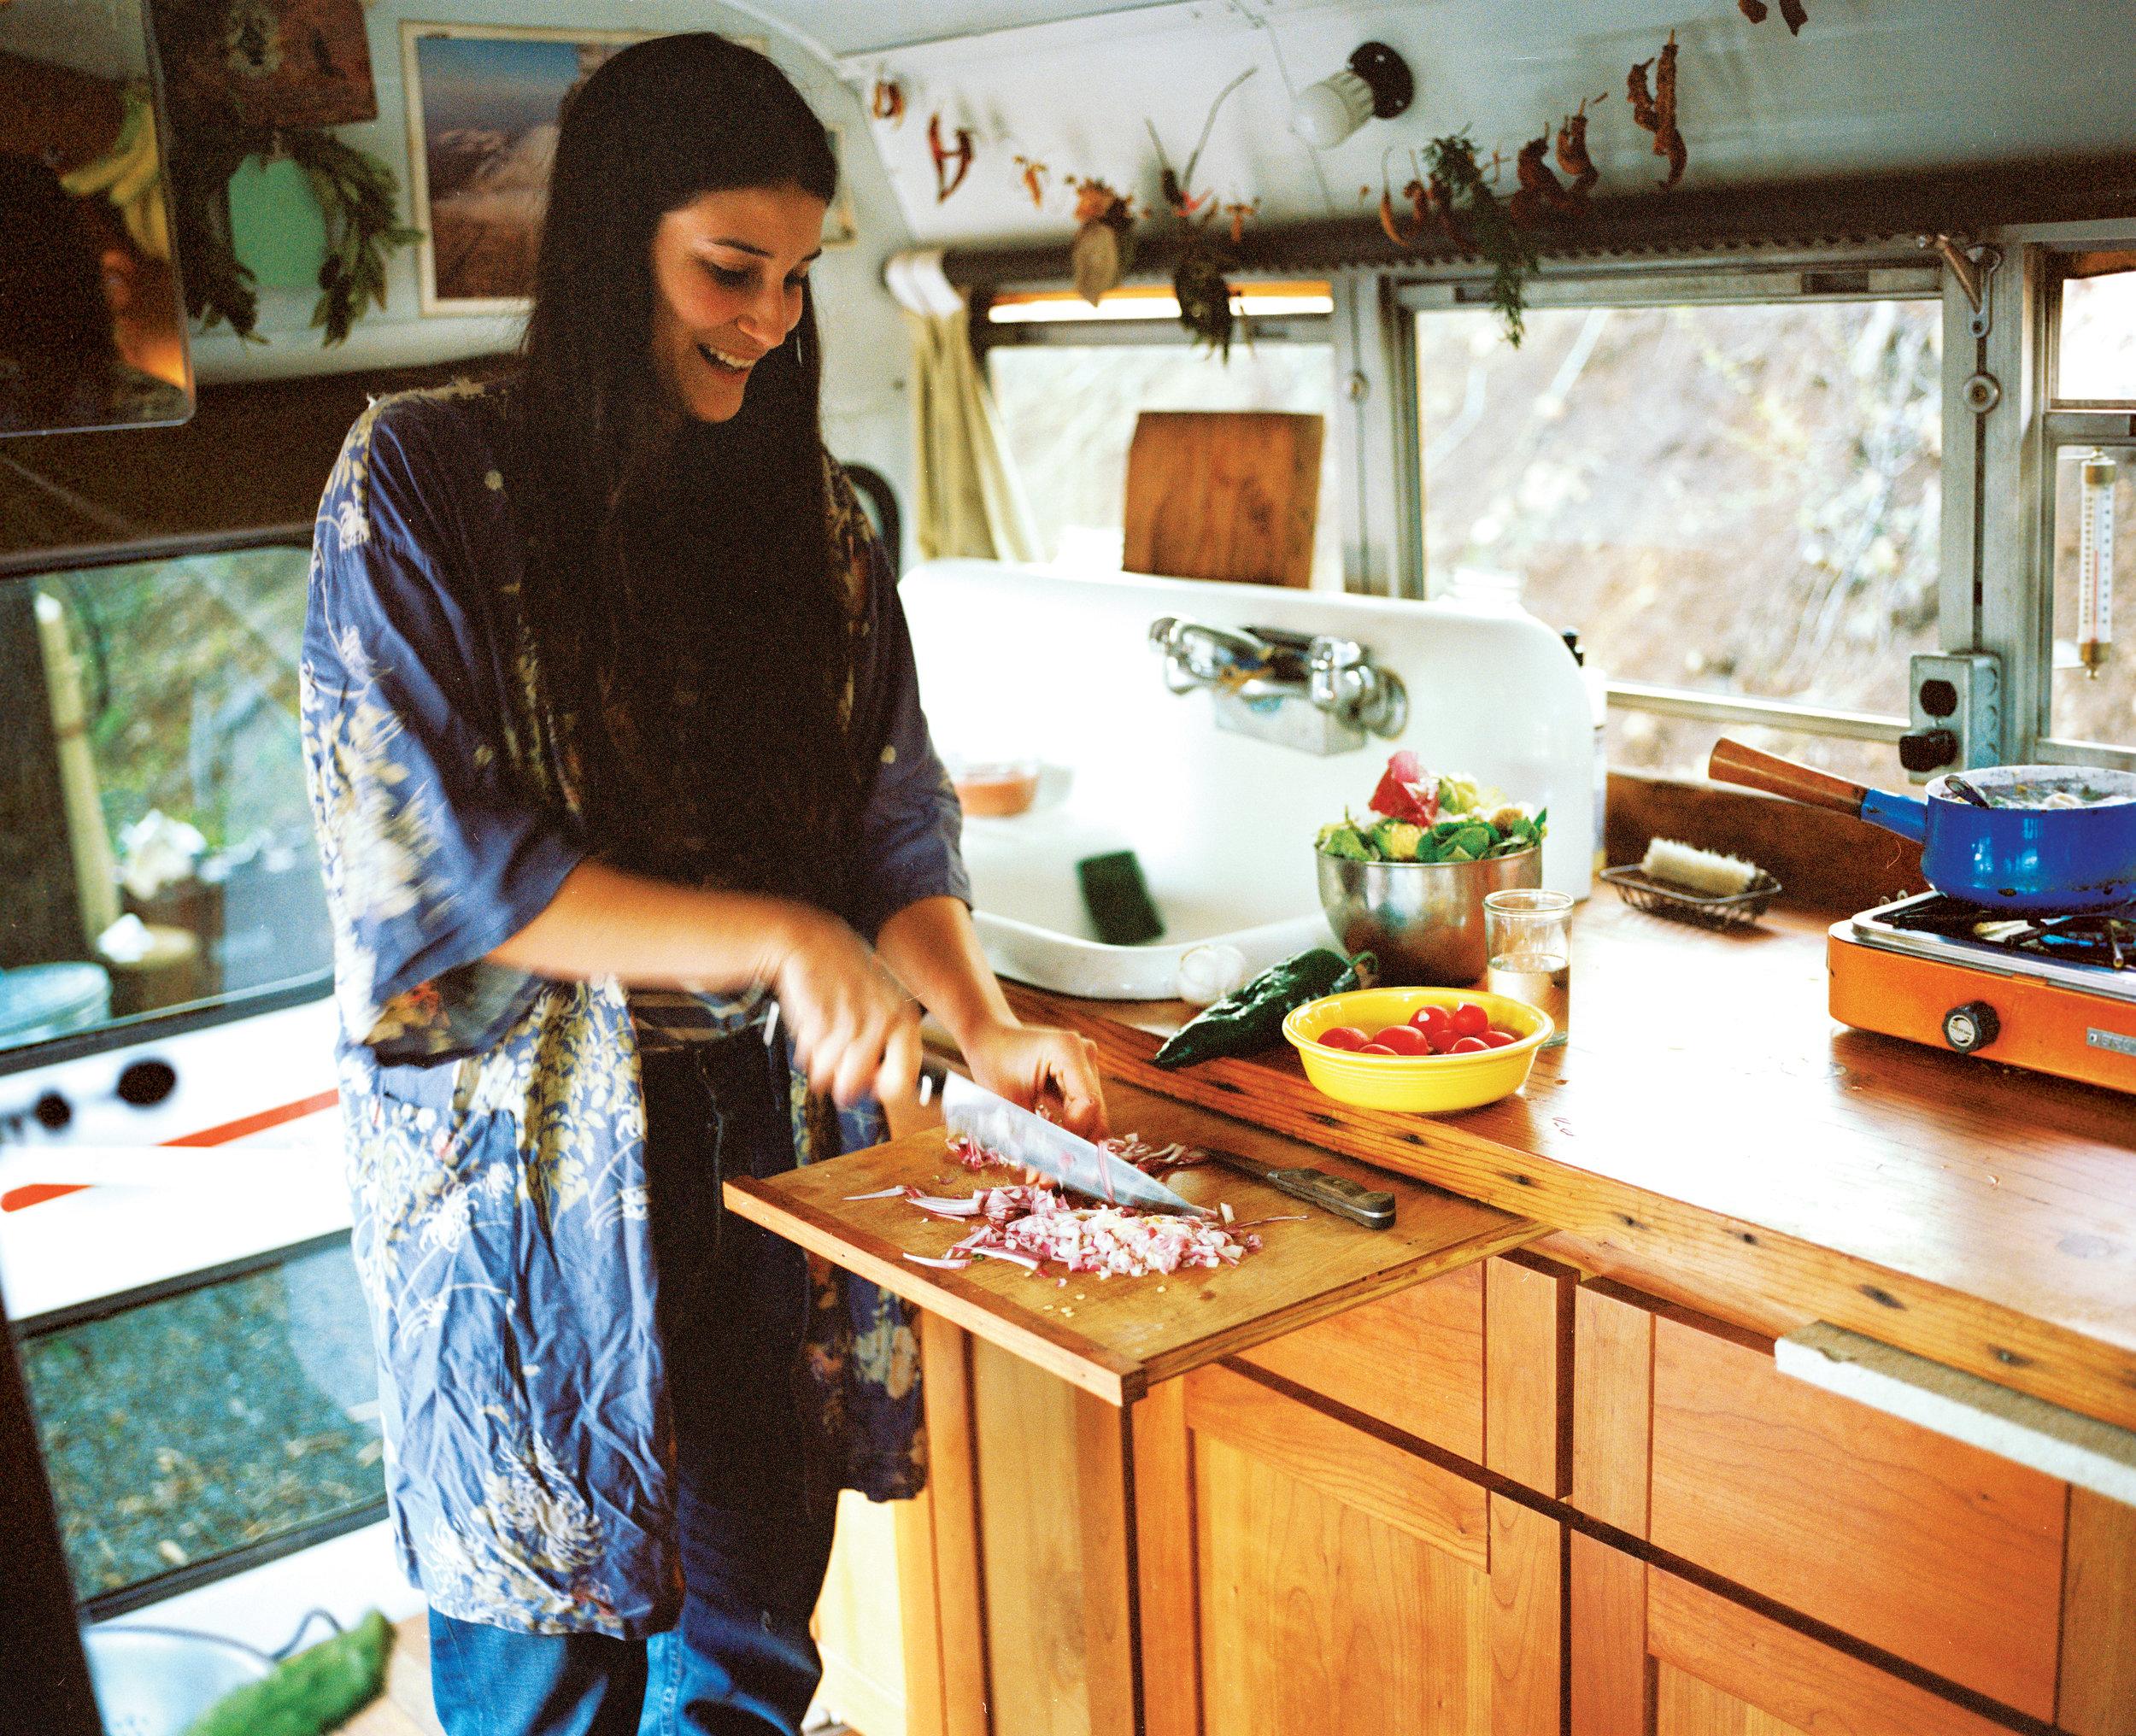 20170409-marie in kitchen.jpg